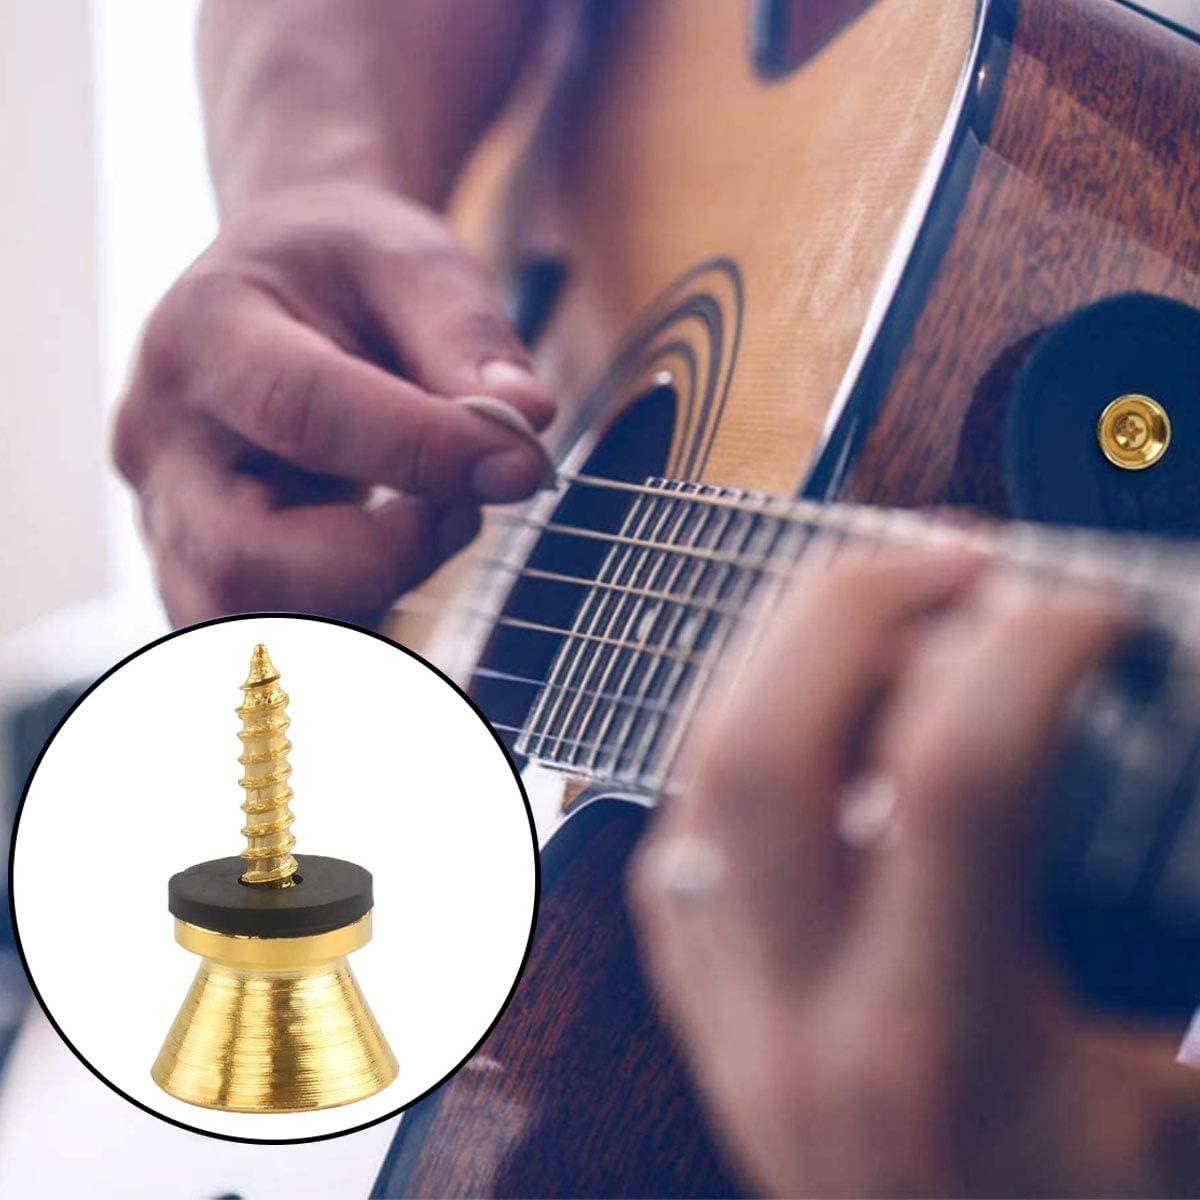 OSUTER 30PCS Verrou de Sangle de Guitare en M/étal Bouton Sangle Guitare Classique Guitare Sangle Lock pour Guitare Acoustique Electrique Basse noir//argent//dor/é